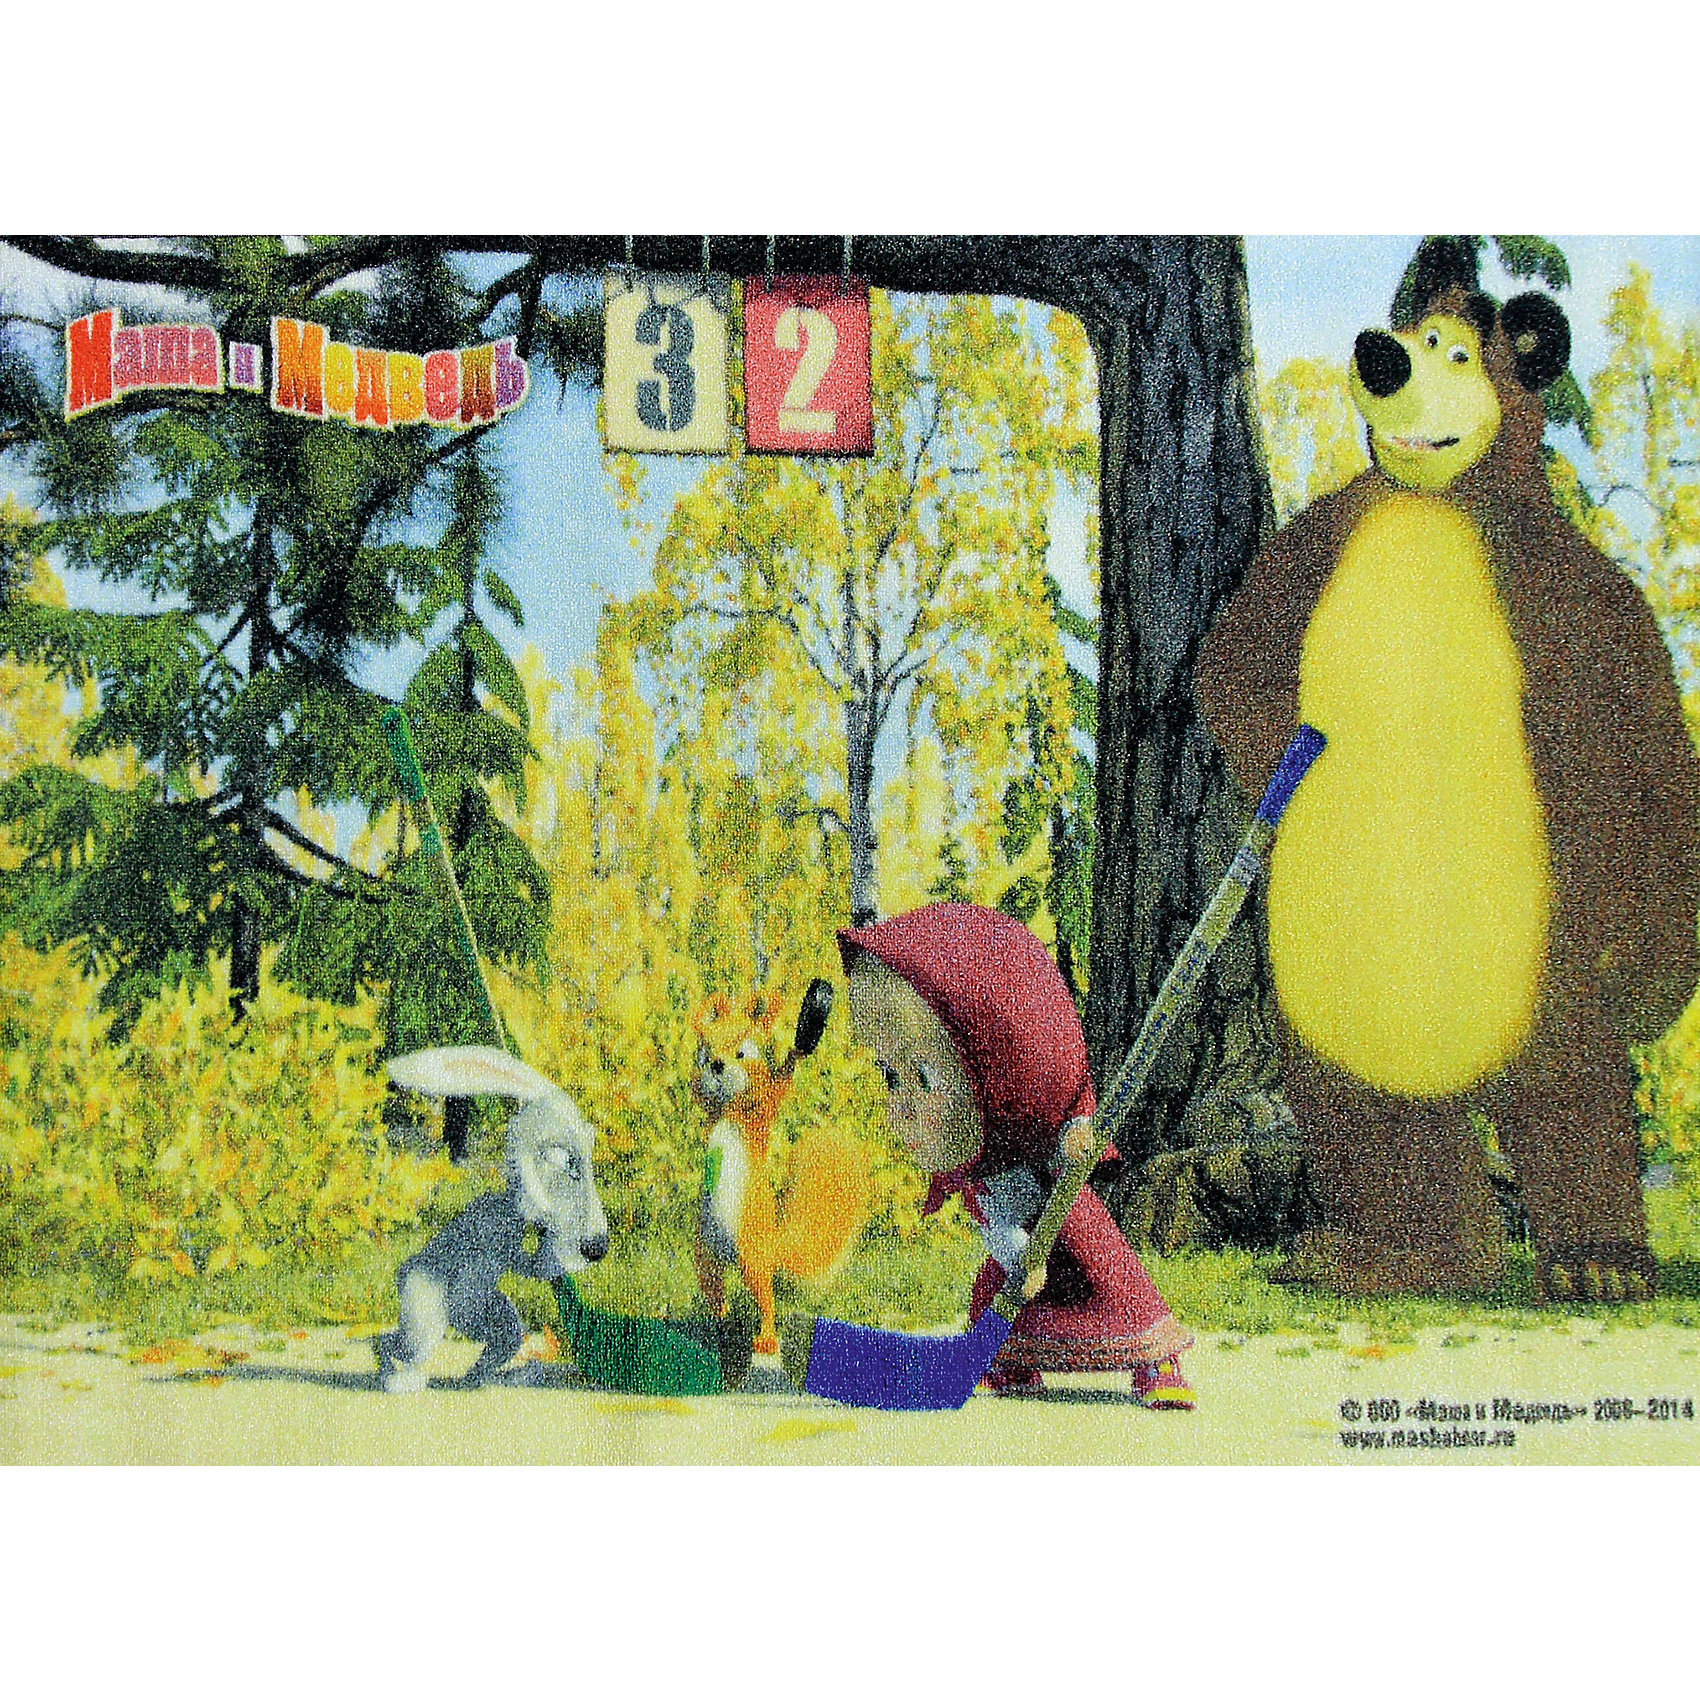 Ковер Маша и Медведь 80*133 смКовер Маша и Медведь 80*133 см – яркий красочный ковер, за которым легко ухаживать сделает уютной комнату вашего ребенка.<br>Позитивный качественный детский ковёр с изображением сюжета из мультсериала «Маша и Медведь» украсит интерьер детской комнаты и наполнит мир вашего ребенка яркими и живыми красками. Ковер очень практичный, изготовлен из безопасных и высококачественных синтетических материалов, стойкий к истиранию и не выгорает. Пыль и грязь не забивается глубоко внутрь ворса, что существенно облегчает уход за изделием, а латексная основа не скользит по полу. По краям ковер аккуратно обшит. Небольшой размер и вес позволит без труда перемещать ковер в разные места комнаты и легко производить уборку под ковром.<br><br>Дополнительная информация:<br><br>- Размер: 80х133 см.<br>- Высота ворса: 5 мм.<br>- Вес ковра: 1,3 кг/м2<br>- Плотность ворса: 290000 точек на м?<br>- Состав ворса: 100% полиамид<br>- Состав основы: гелиевая<br>- Цвет: разноцветный, желтый<br>- Вид производства: машинное<br><br>Ковер Маша и Медведь 80*133 см можно купить в нашем интернет-магазине.<br><br>Ширина мм: 200<br>Глубина мм: 200<br>Высота мм: 800<br>Вес г: 1277<br>Возраст от месяцев: 36<br>Возраст до месяцев: 120<br>Пол: Унисекс<br>Возраст: Детский<br>SKU: 4466038